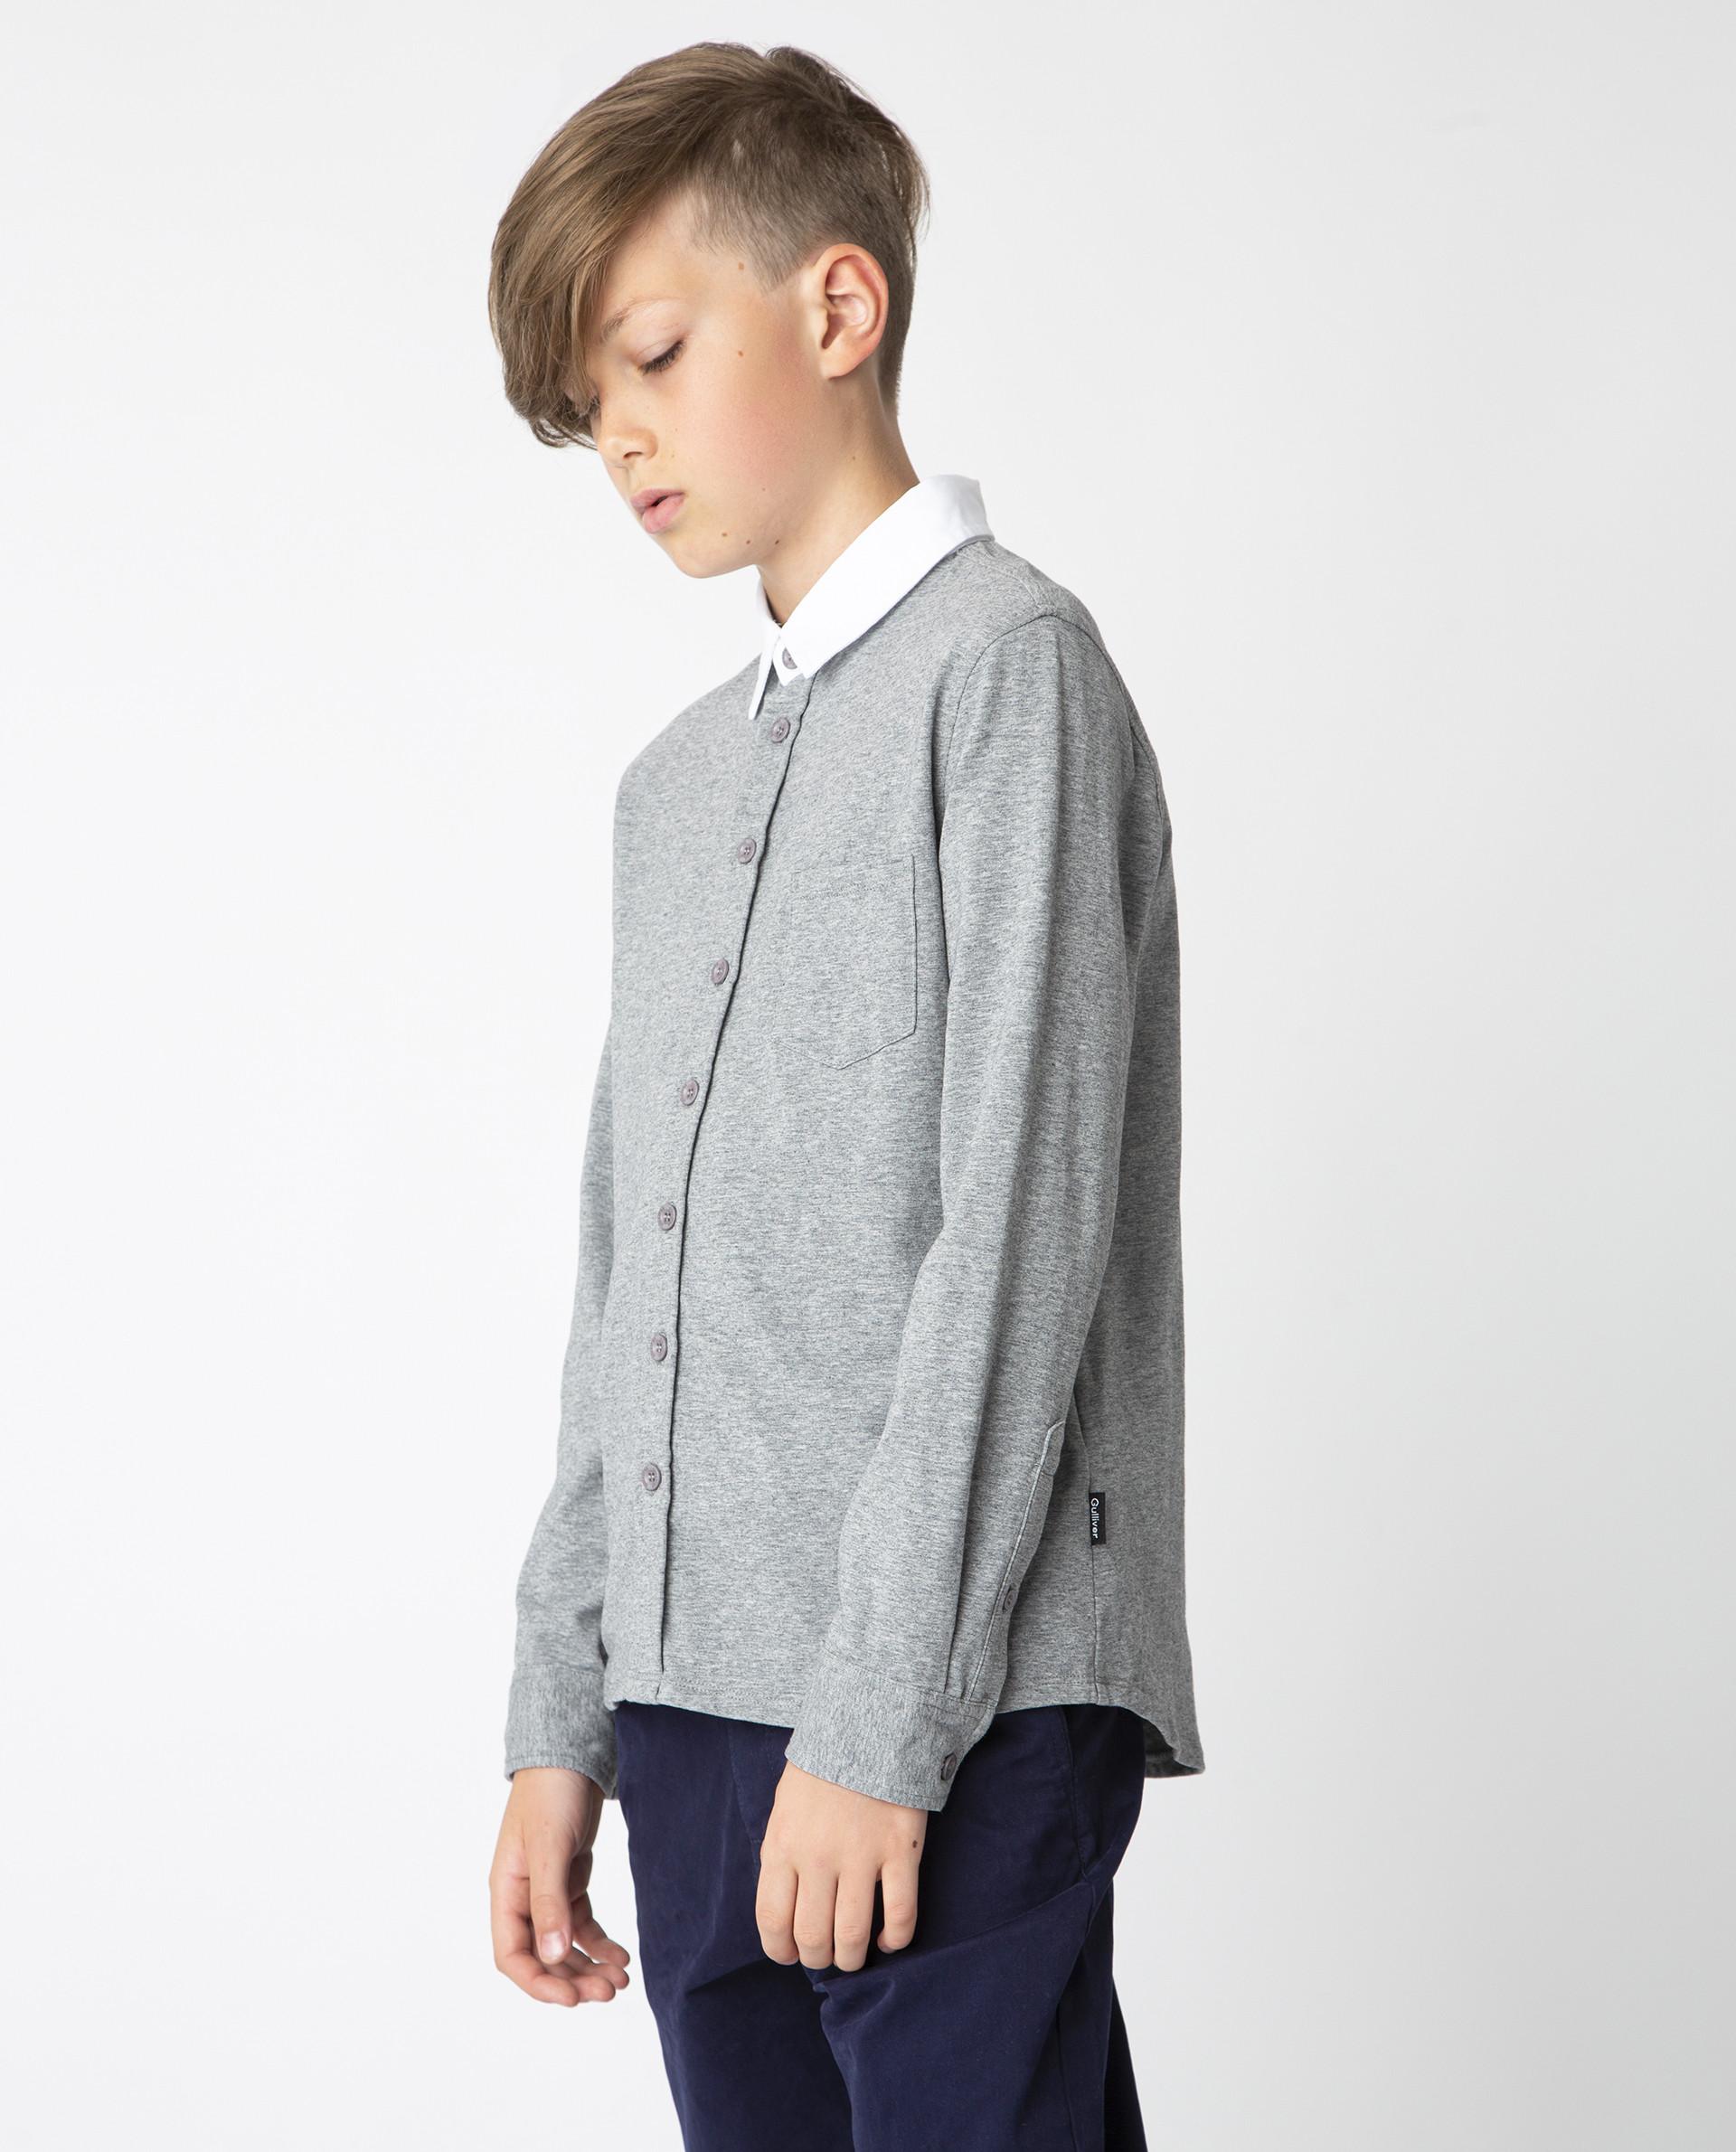 Купить Серая рубашка на кнопках Gulliver, модель 220GSBC1407, р. 170,